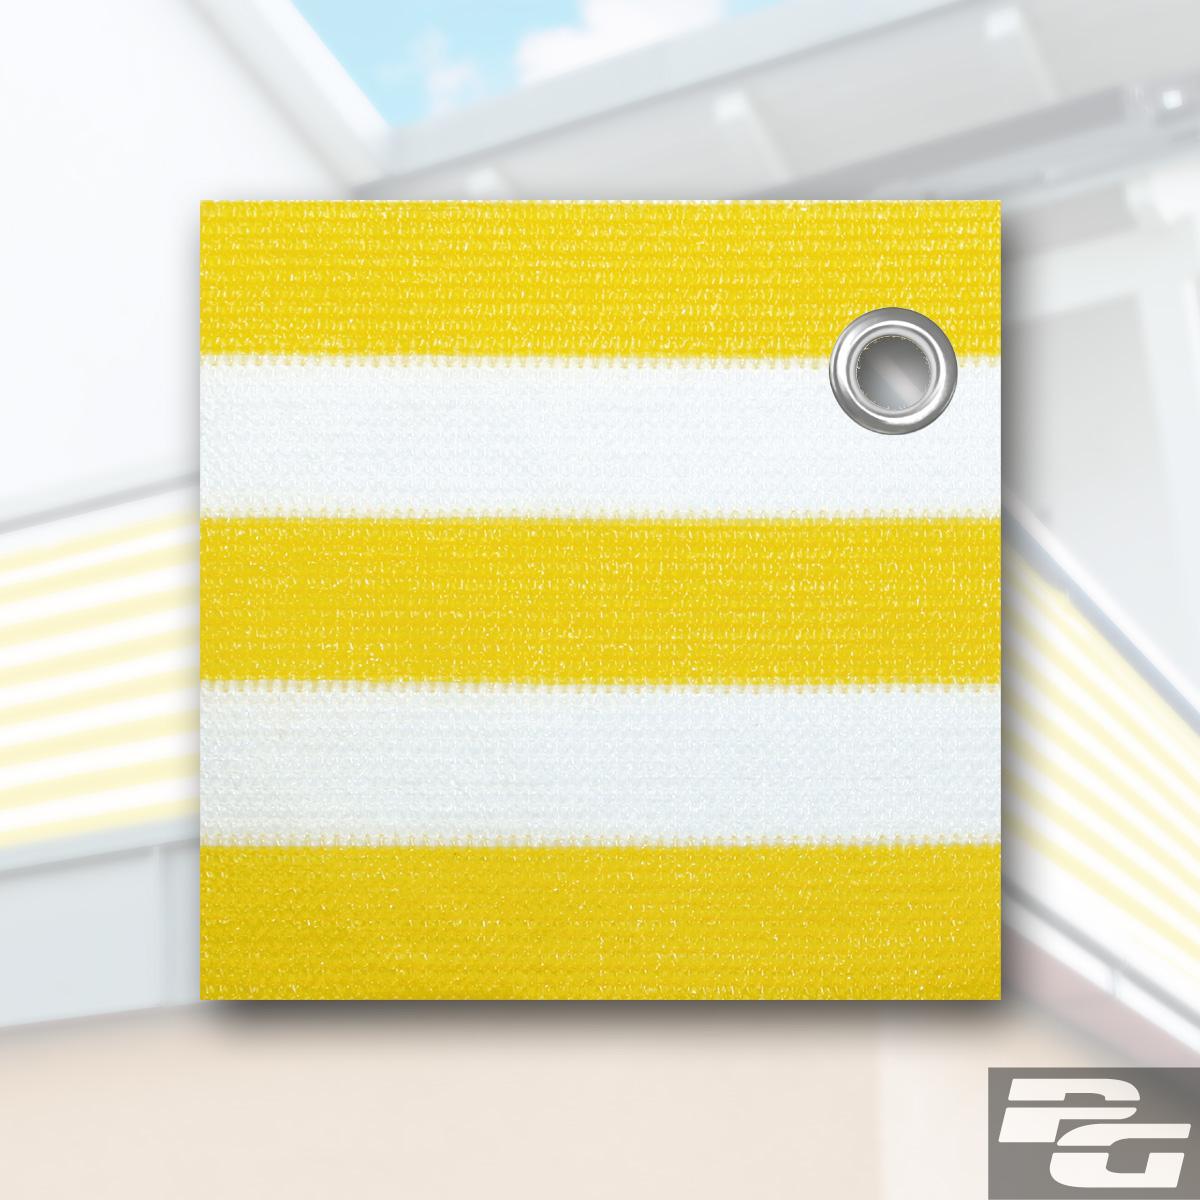 Balkon Sichtschutz 500x90cm Windschutz Balkonverkleidung ... Windschutz Balkon Moglichkeiten